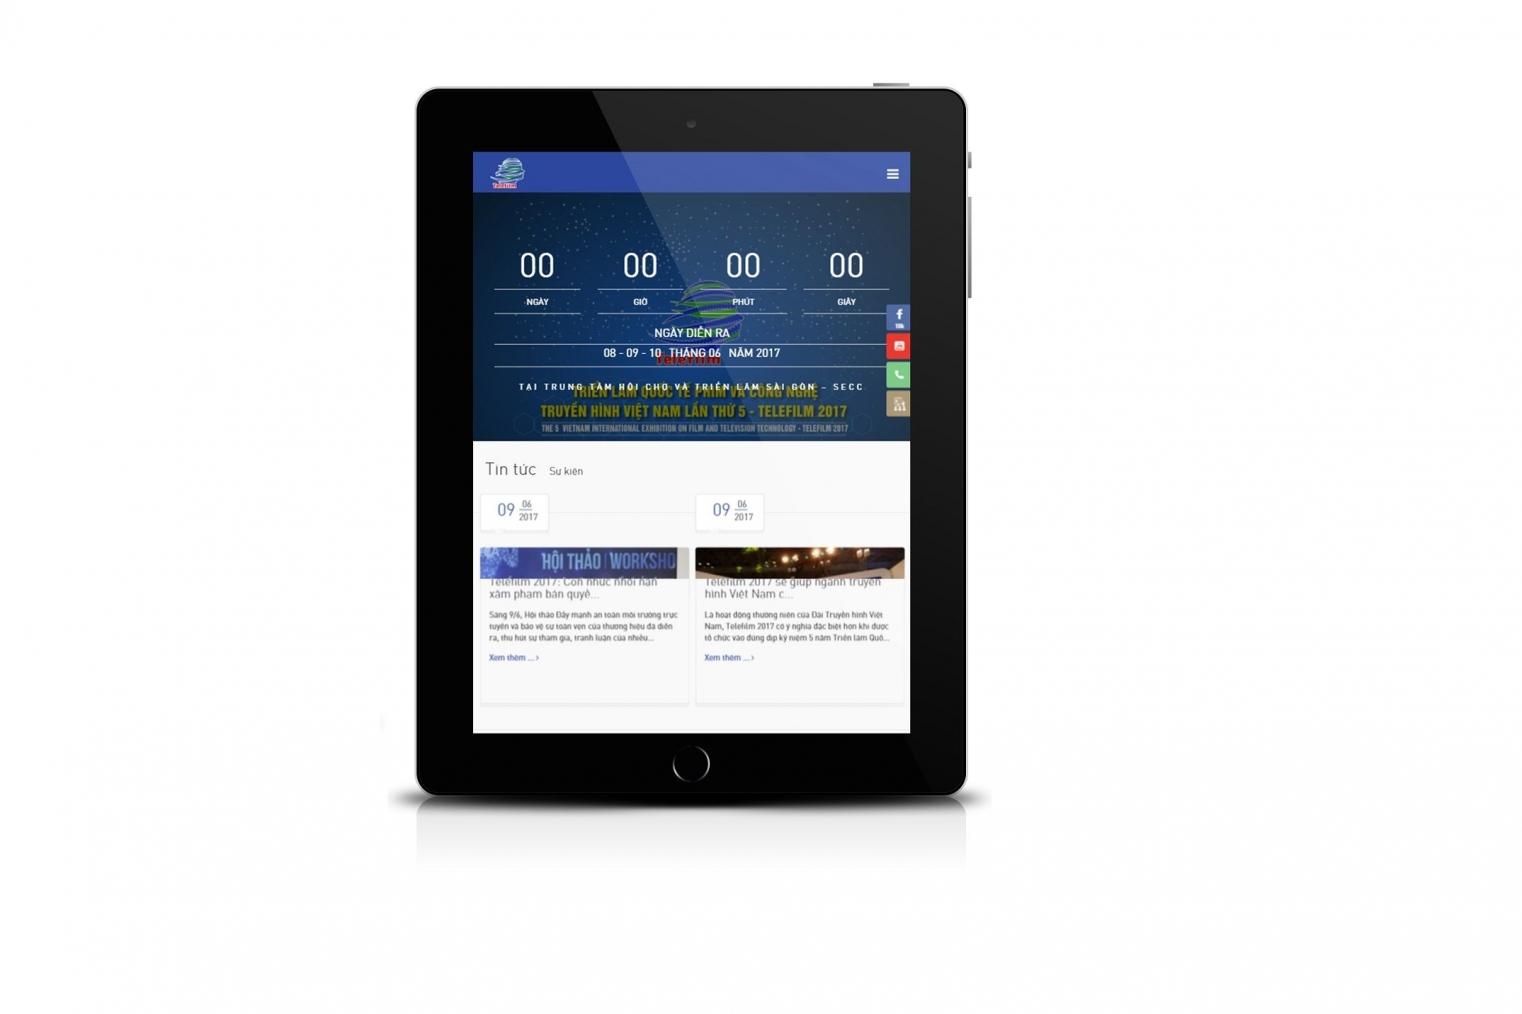 Thiết kế website giới thiệu chương trình triển lãm telefilm